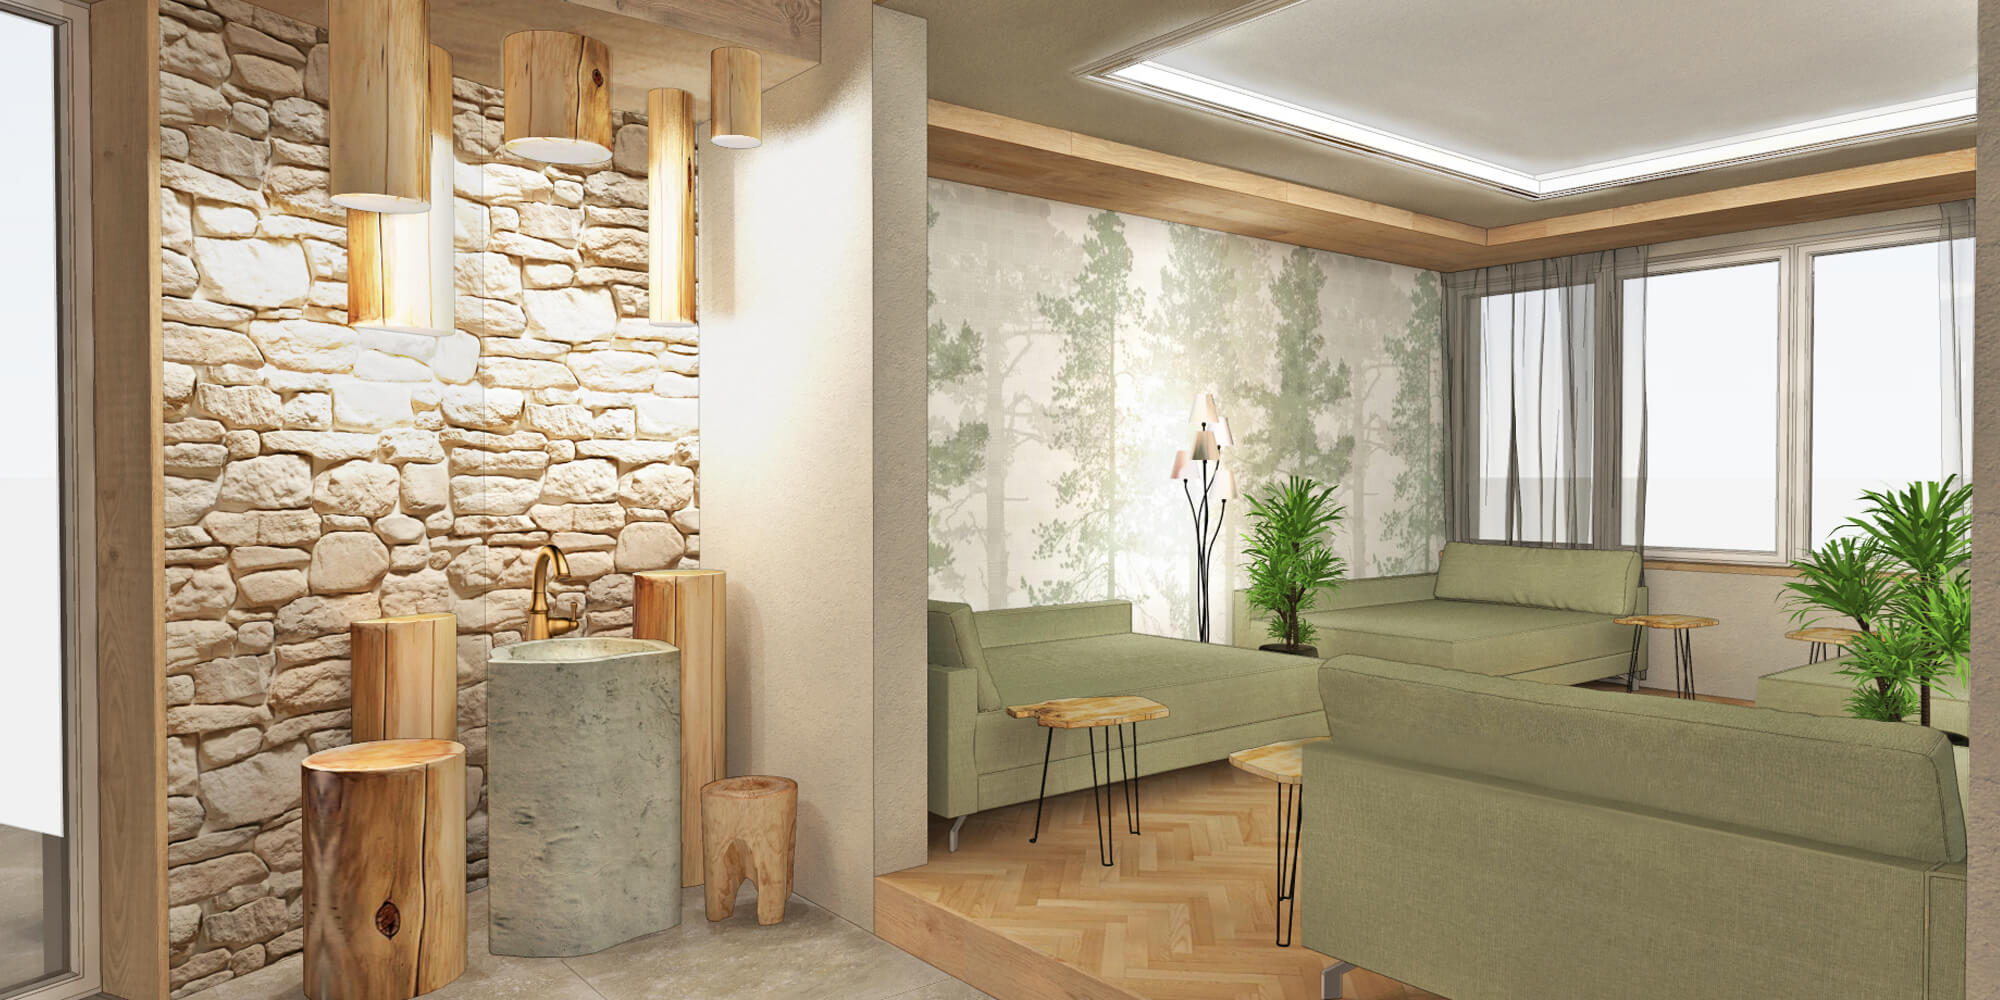 Crea-Plan-Design-Rauch-Frühmann-Architektur-Innenarchitektur-Design-Projekt-Referenz-Hotelerie-Gastronomie-Hotel-Bergknappenhof-Ruheraum-4